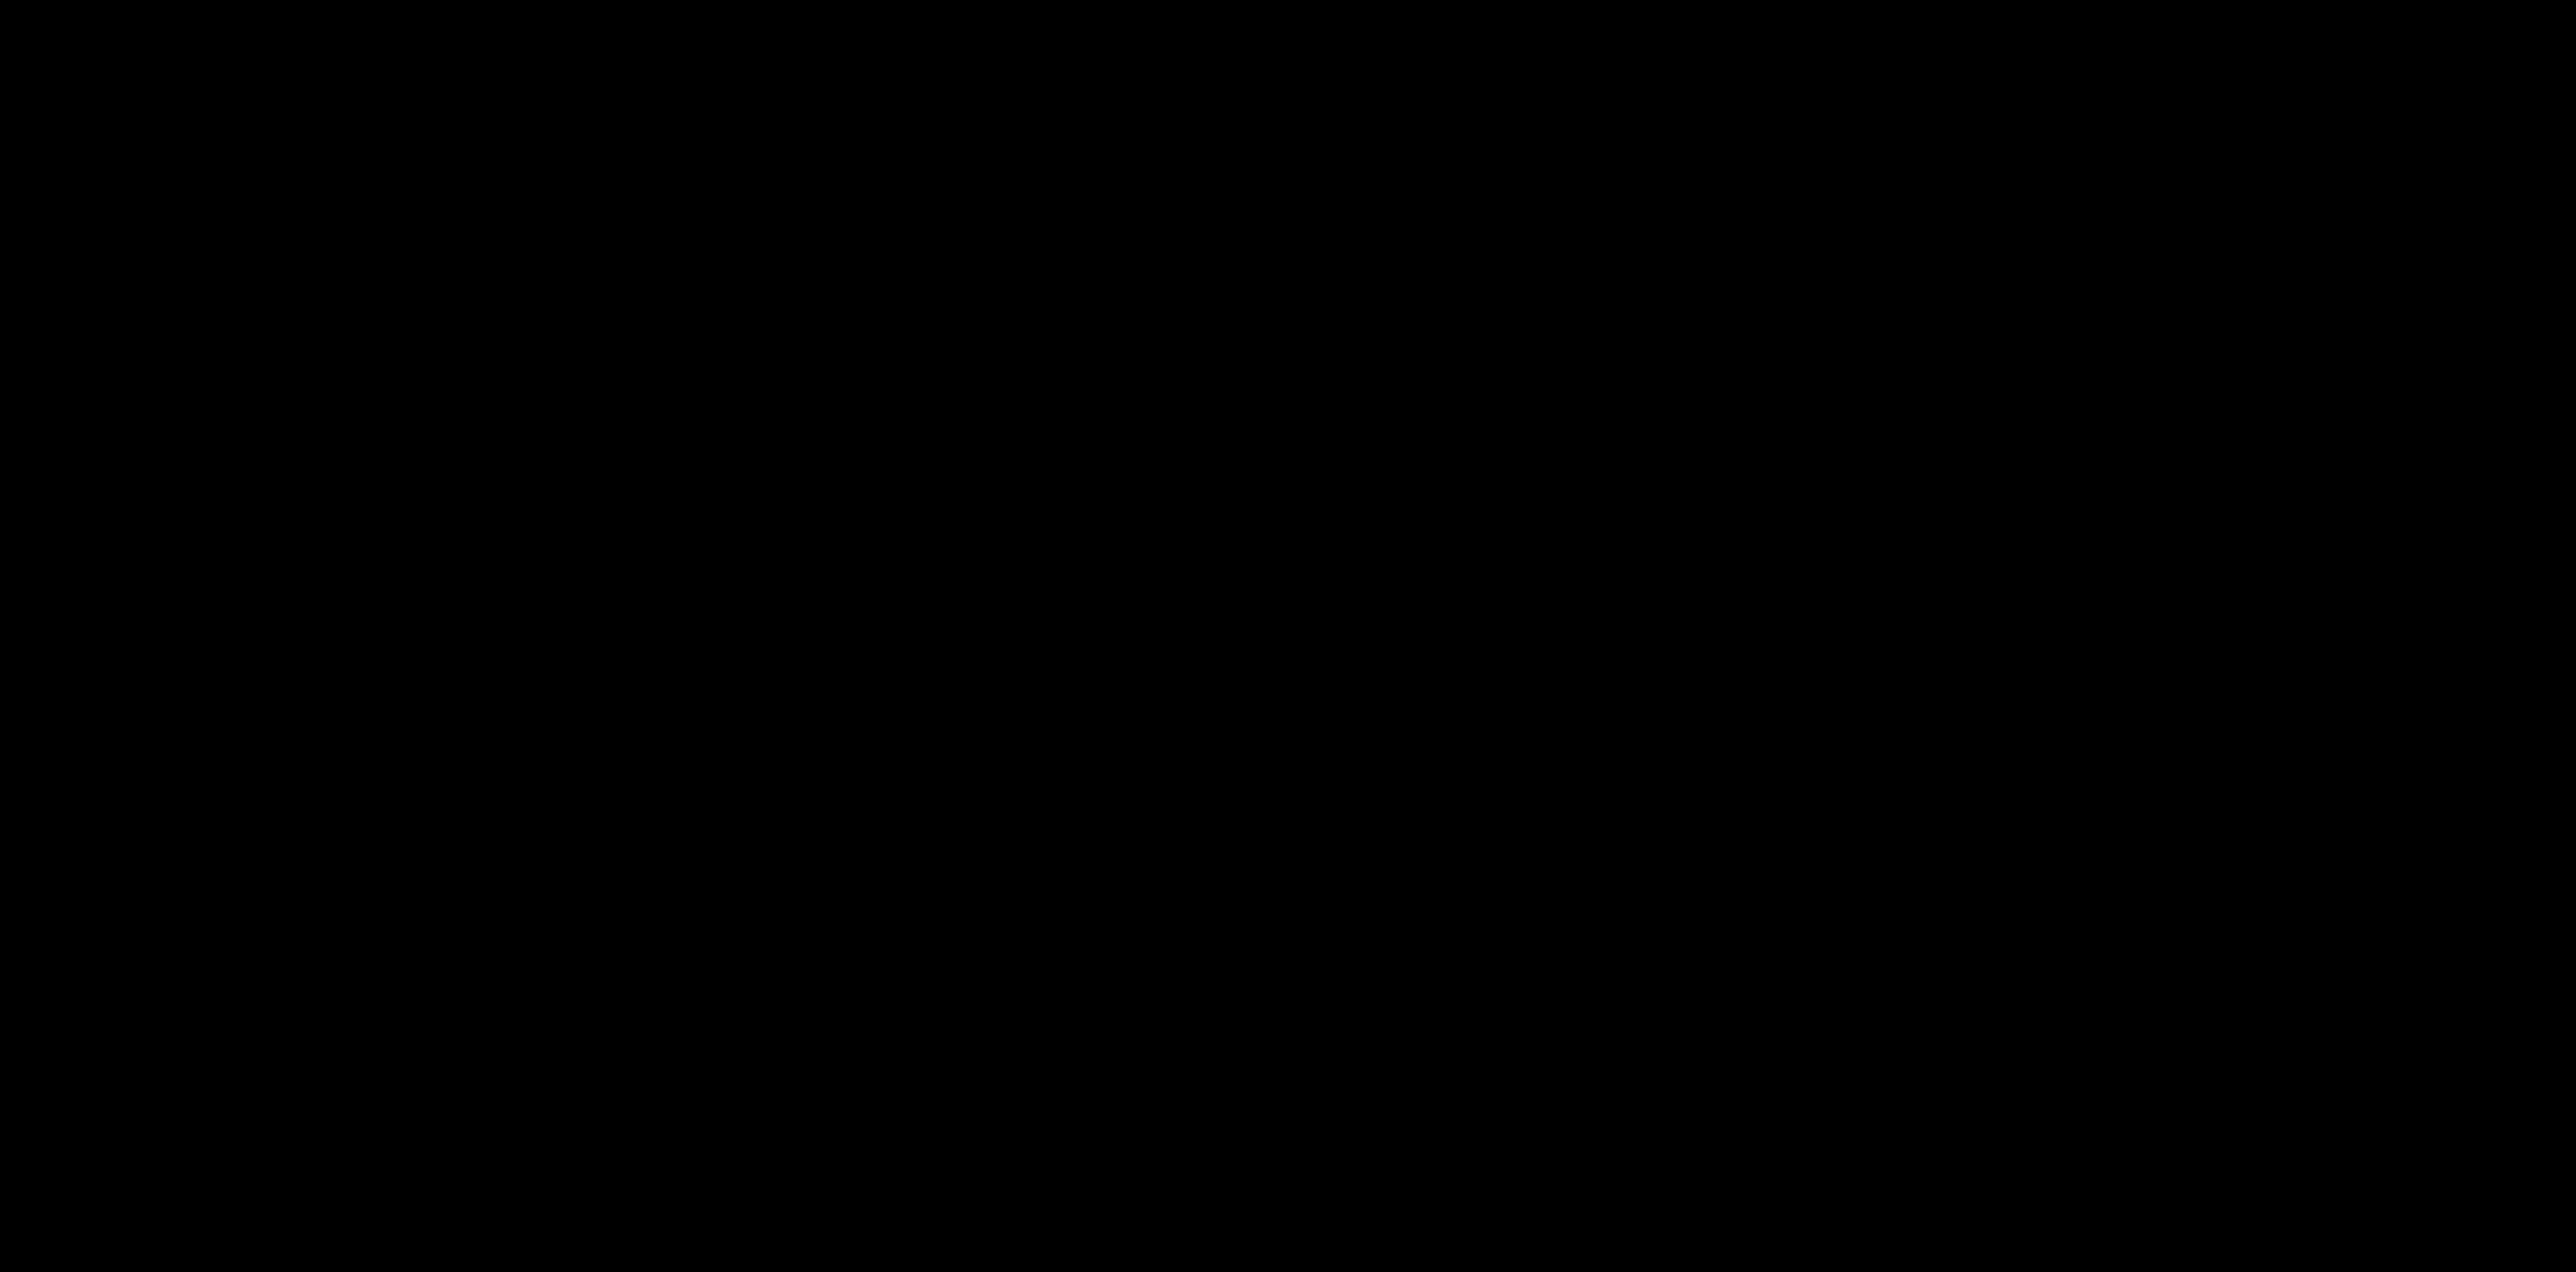 Semnatura Liviu Spiridon